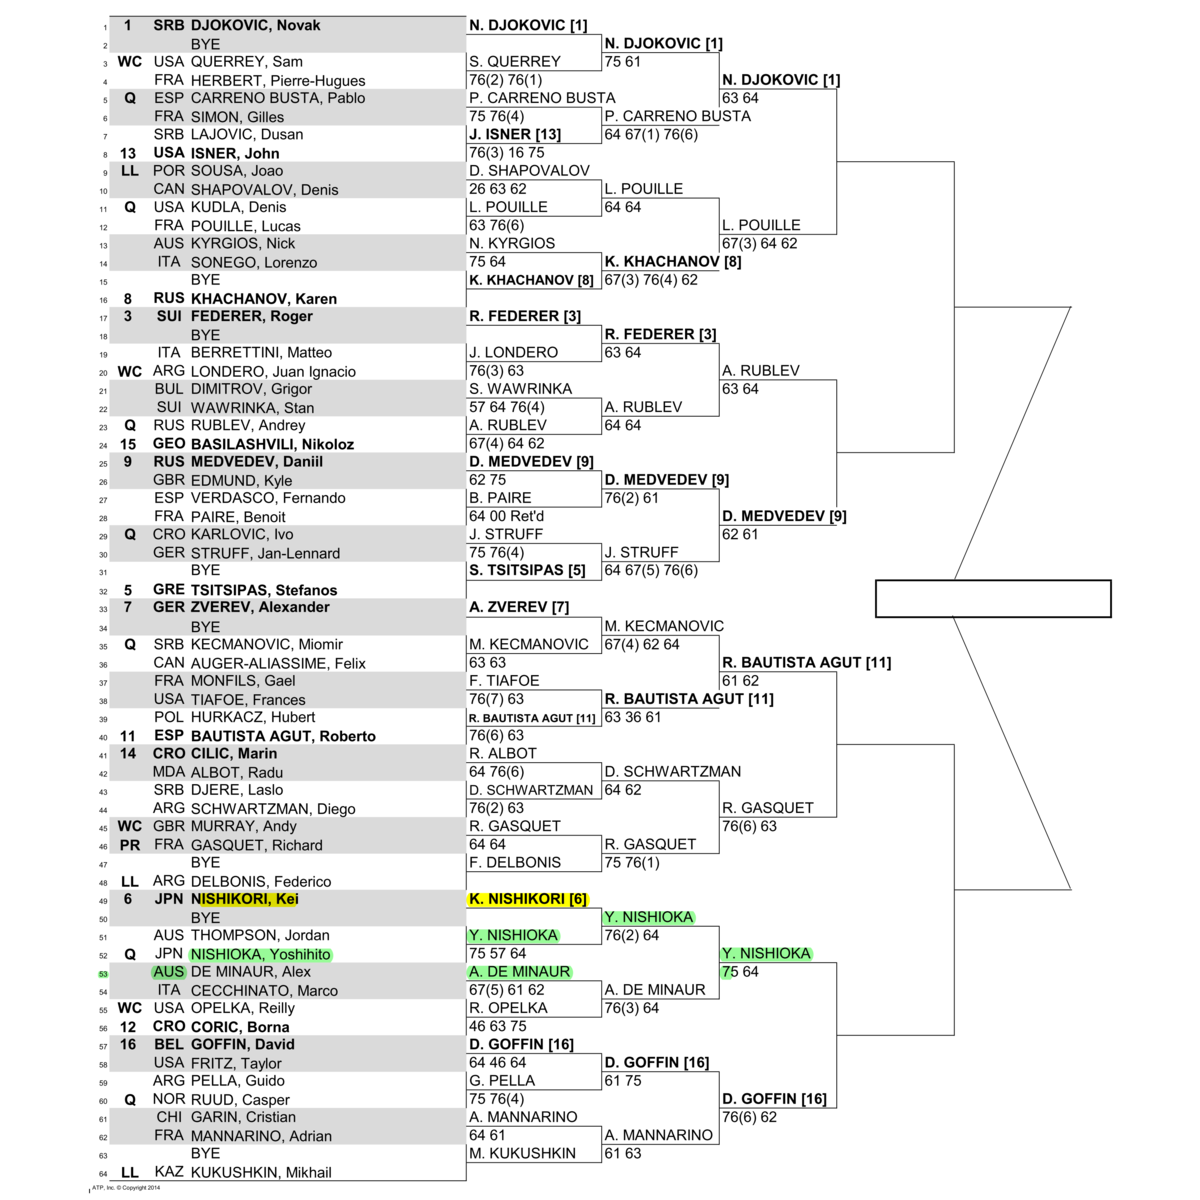 ウェスタン&サザン・オープン2019男子ドロー